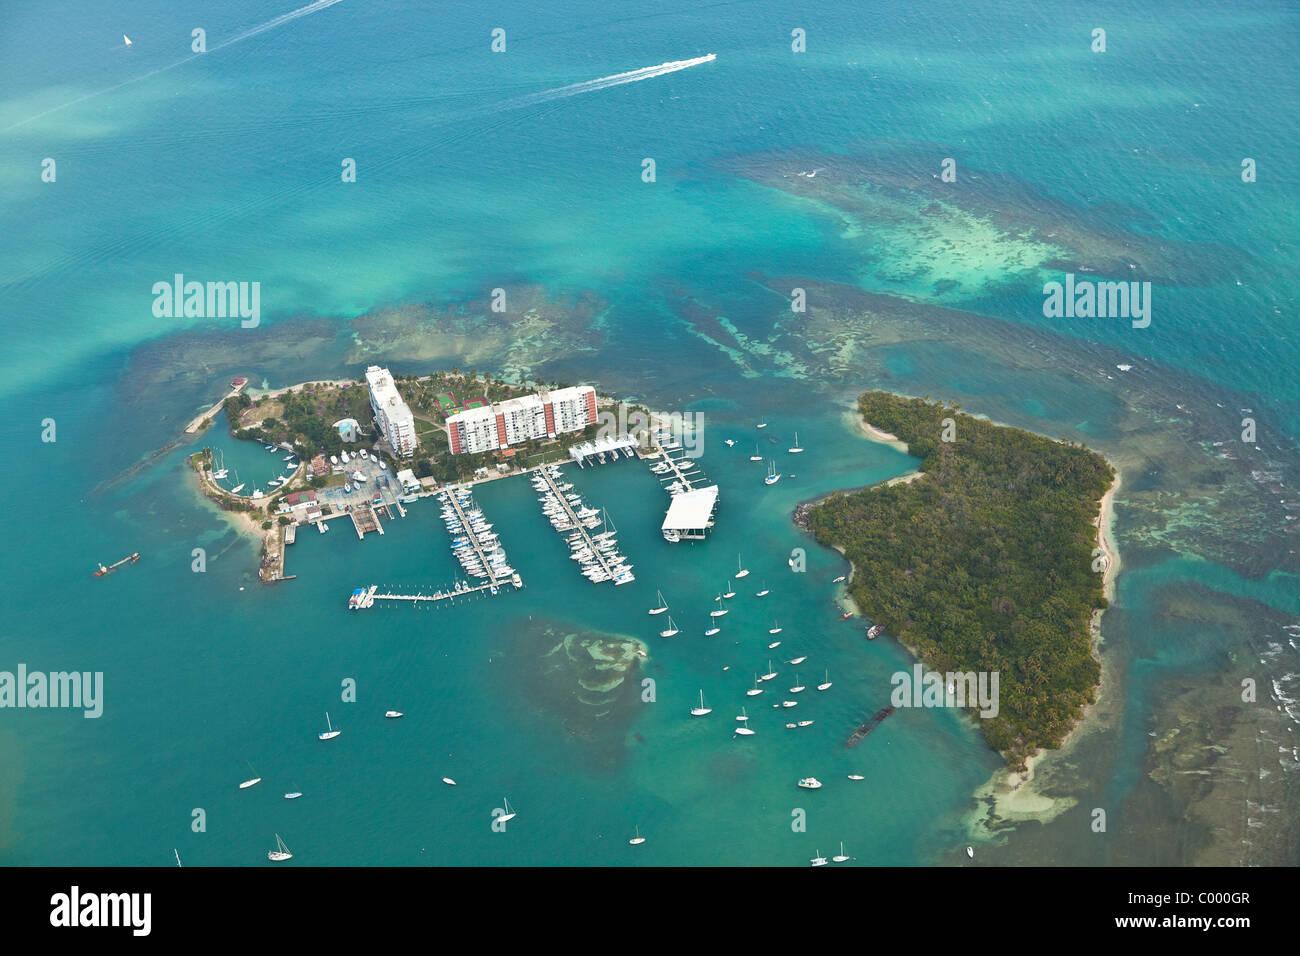 Vista aérea de Fajardo, Puerto del Rey marina de Puerto Rico. Imagen De Stock